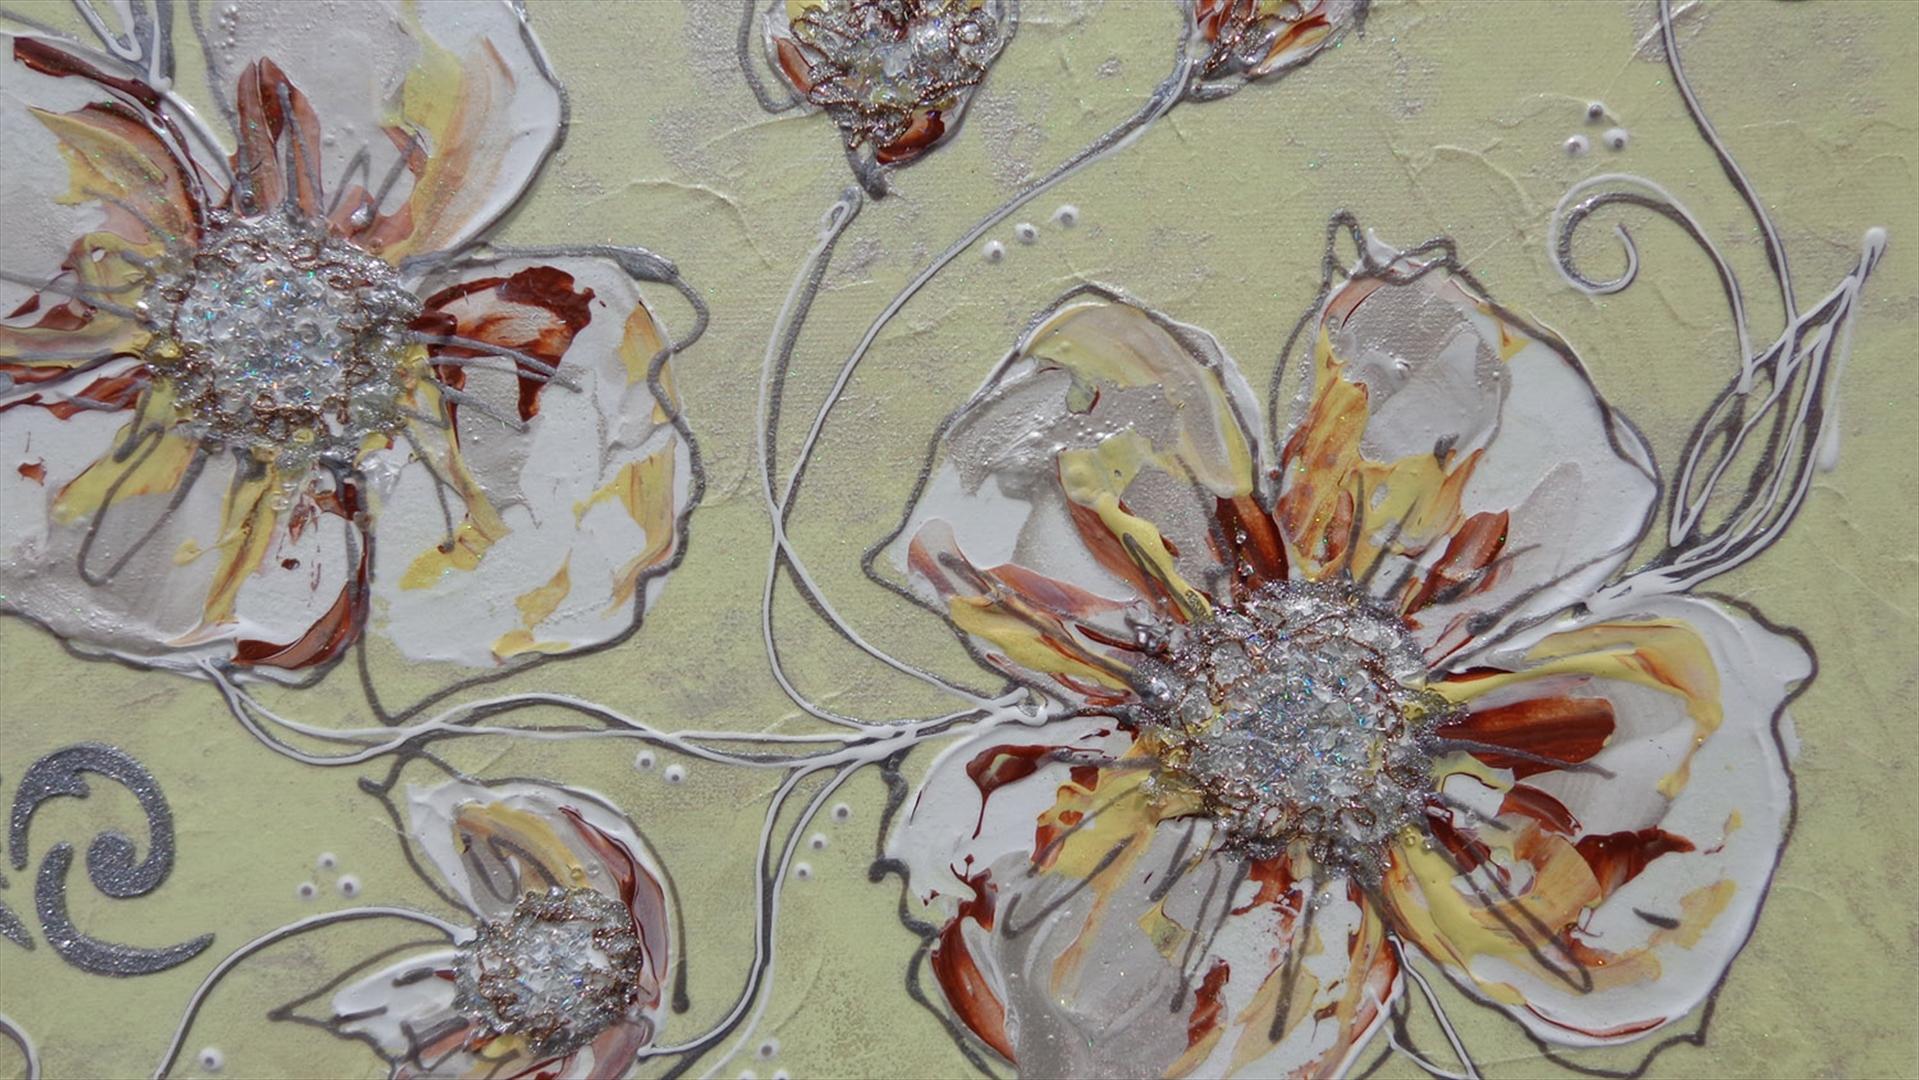 Fiori in chiaro astratti 2 vendita quadri online for Immagini di quadri con fiori